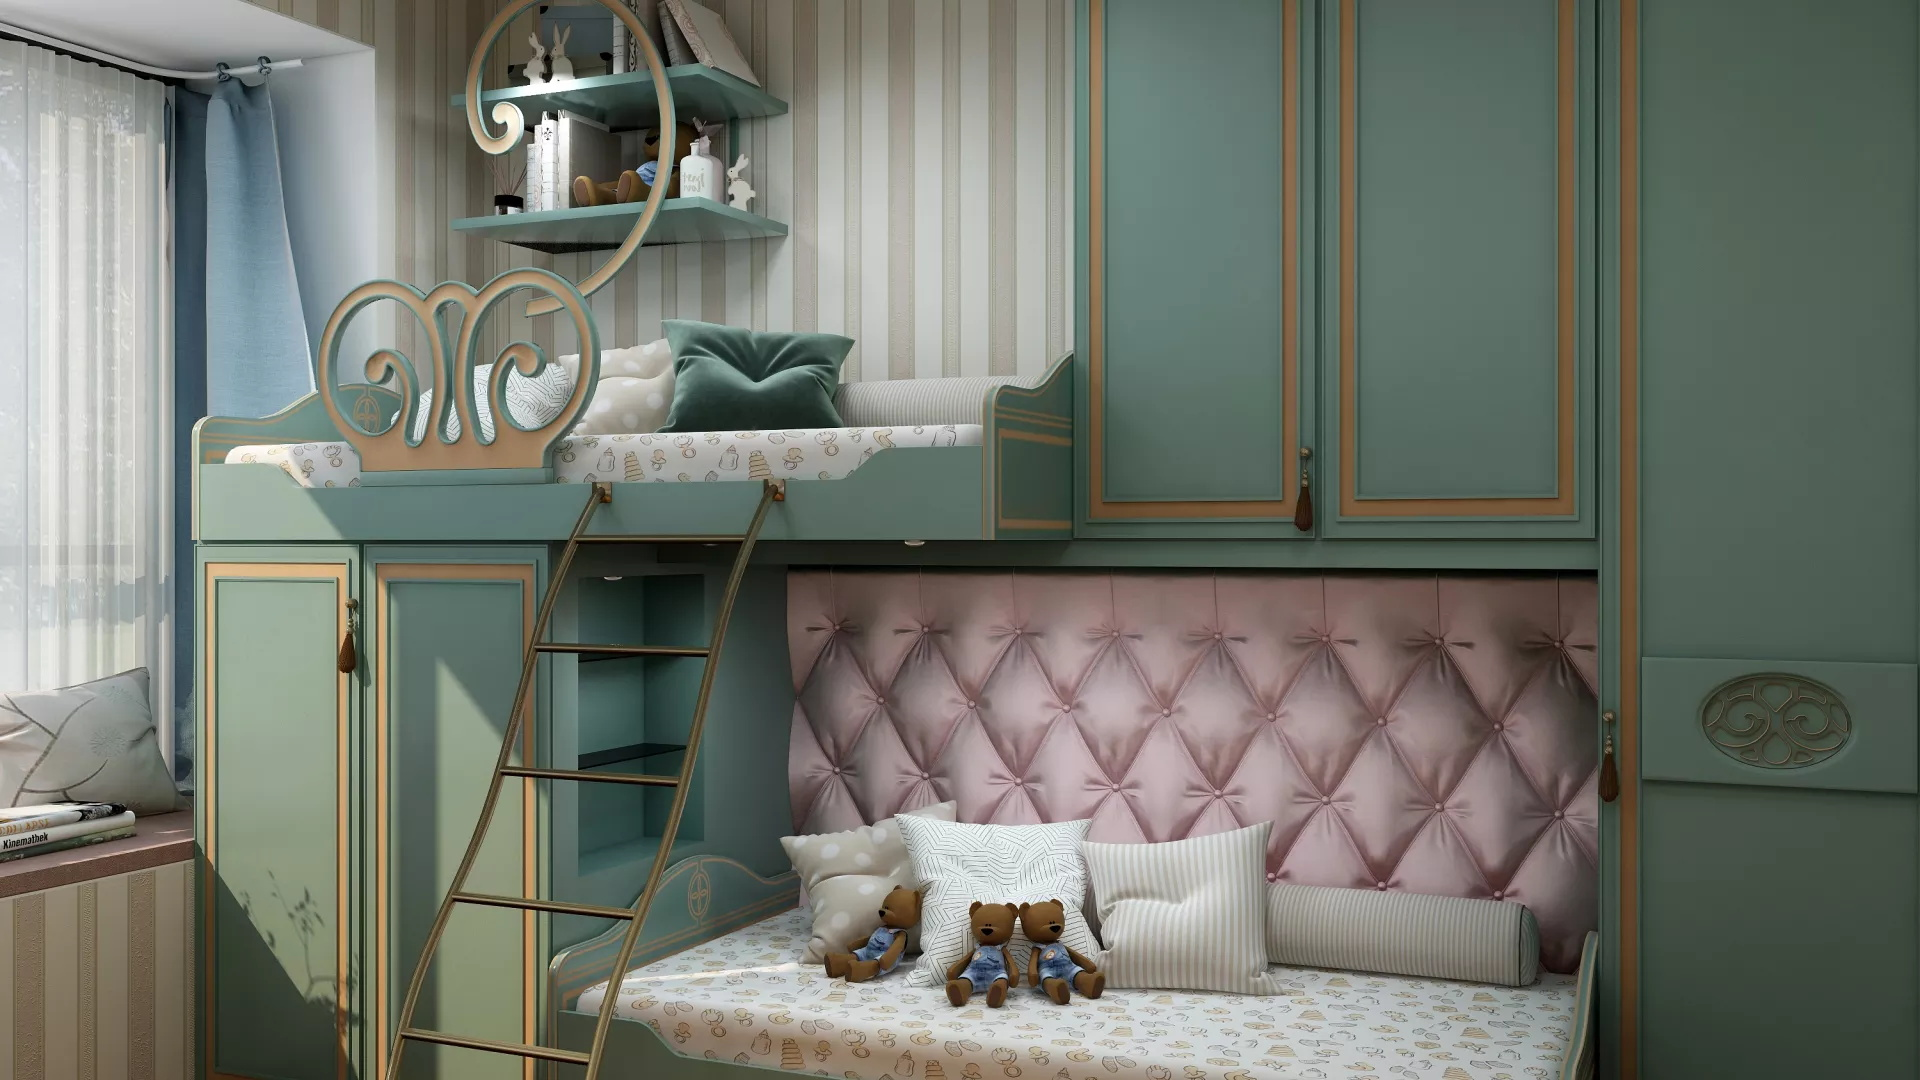 客厅兼书房的设计方法有哪些